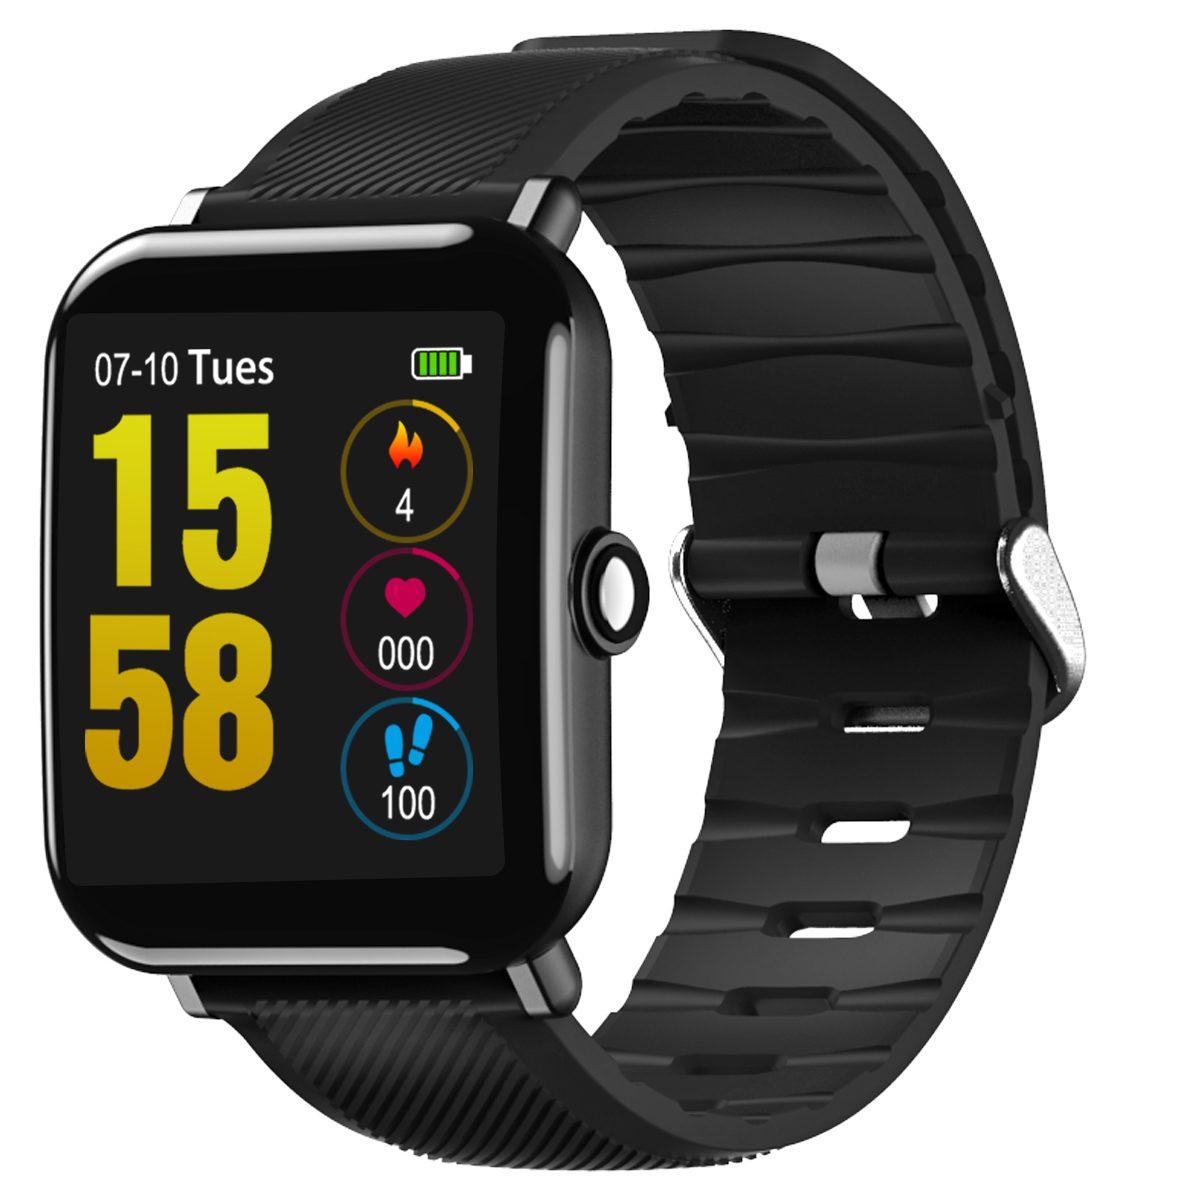 OUKITEL W2 1.3 '2.5D grand écran fréquence cardiaque moniteur de sommeil montre intelligente sport Mode Message affichage 15 jours veille montre intelligente